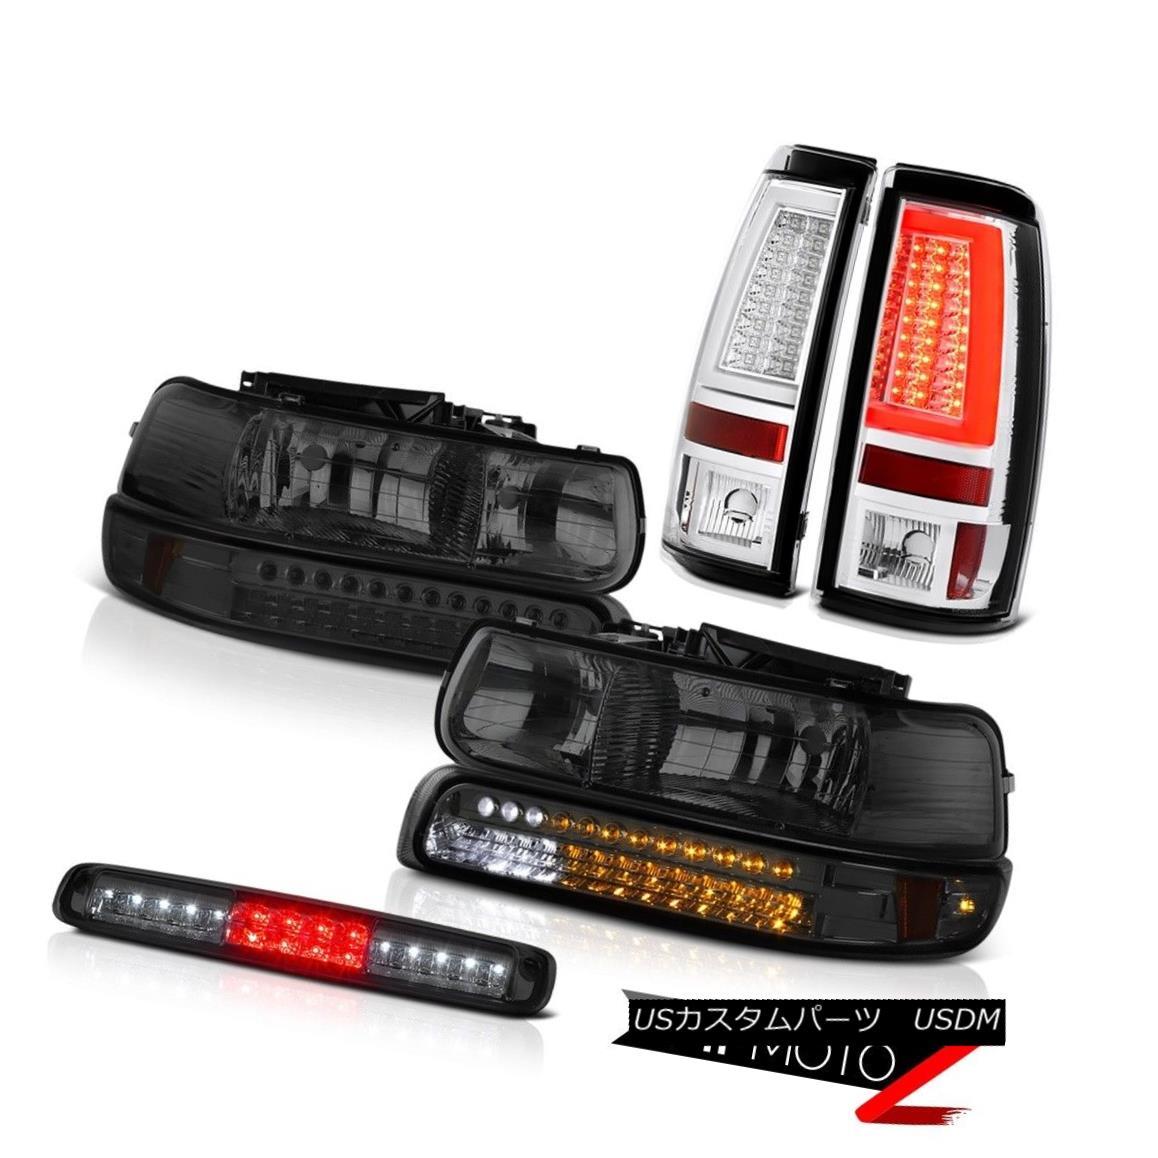 ヘッドライト 1999-2002 Silverado LT Tail Lamps Third Brake Lamp Headlights LED Replacement 1999-2002 Silverado LTテールランプ第3ブレーキランプヘッドライトLED交換